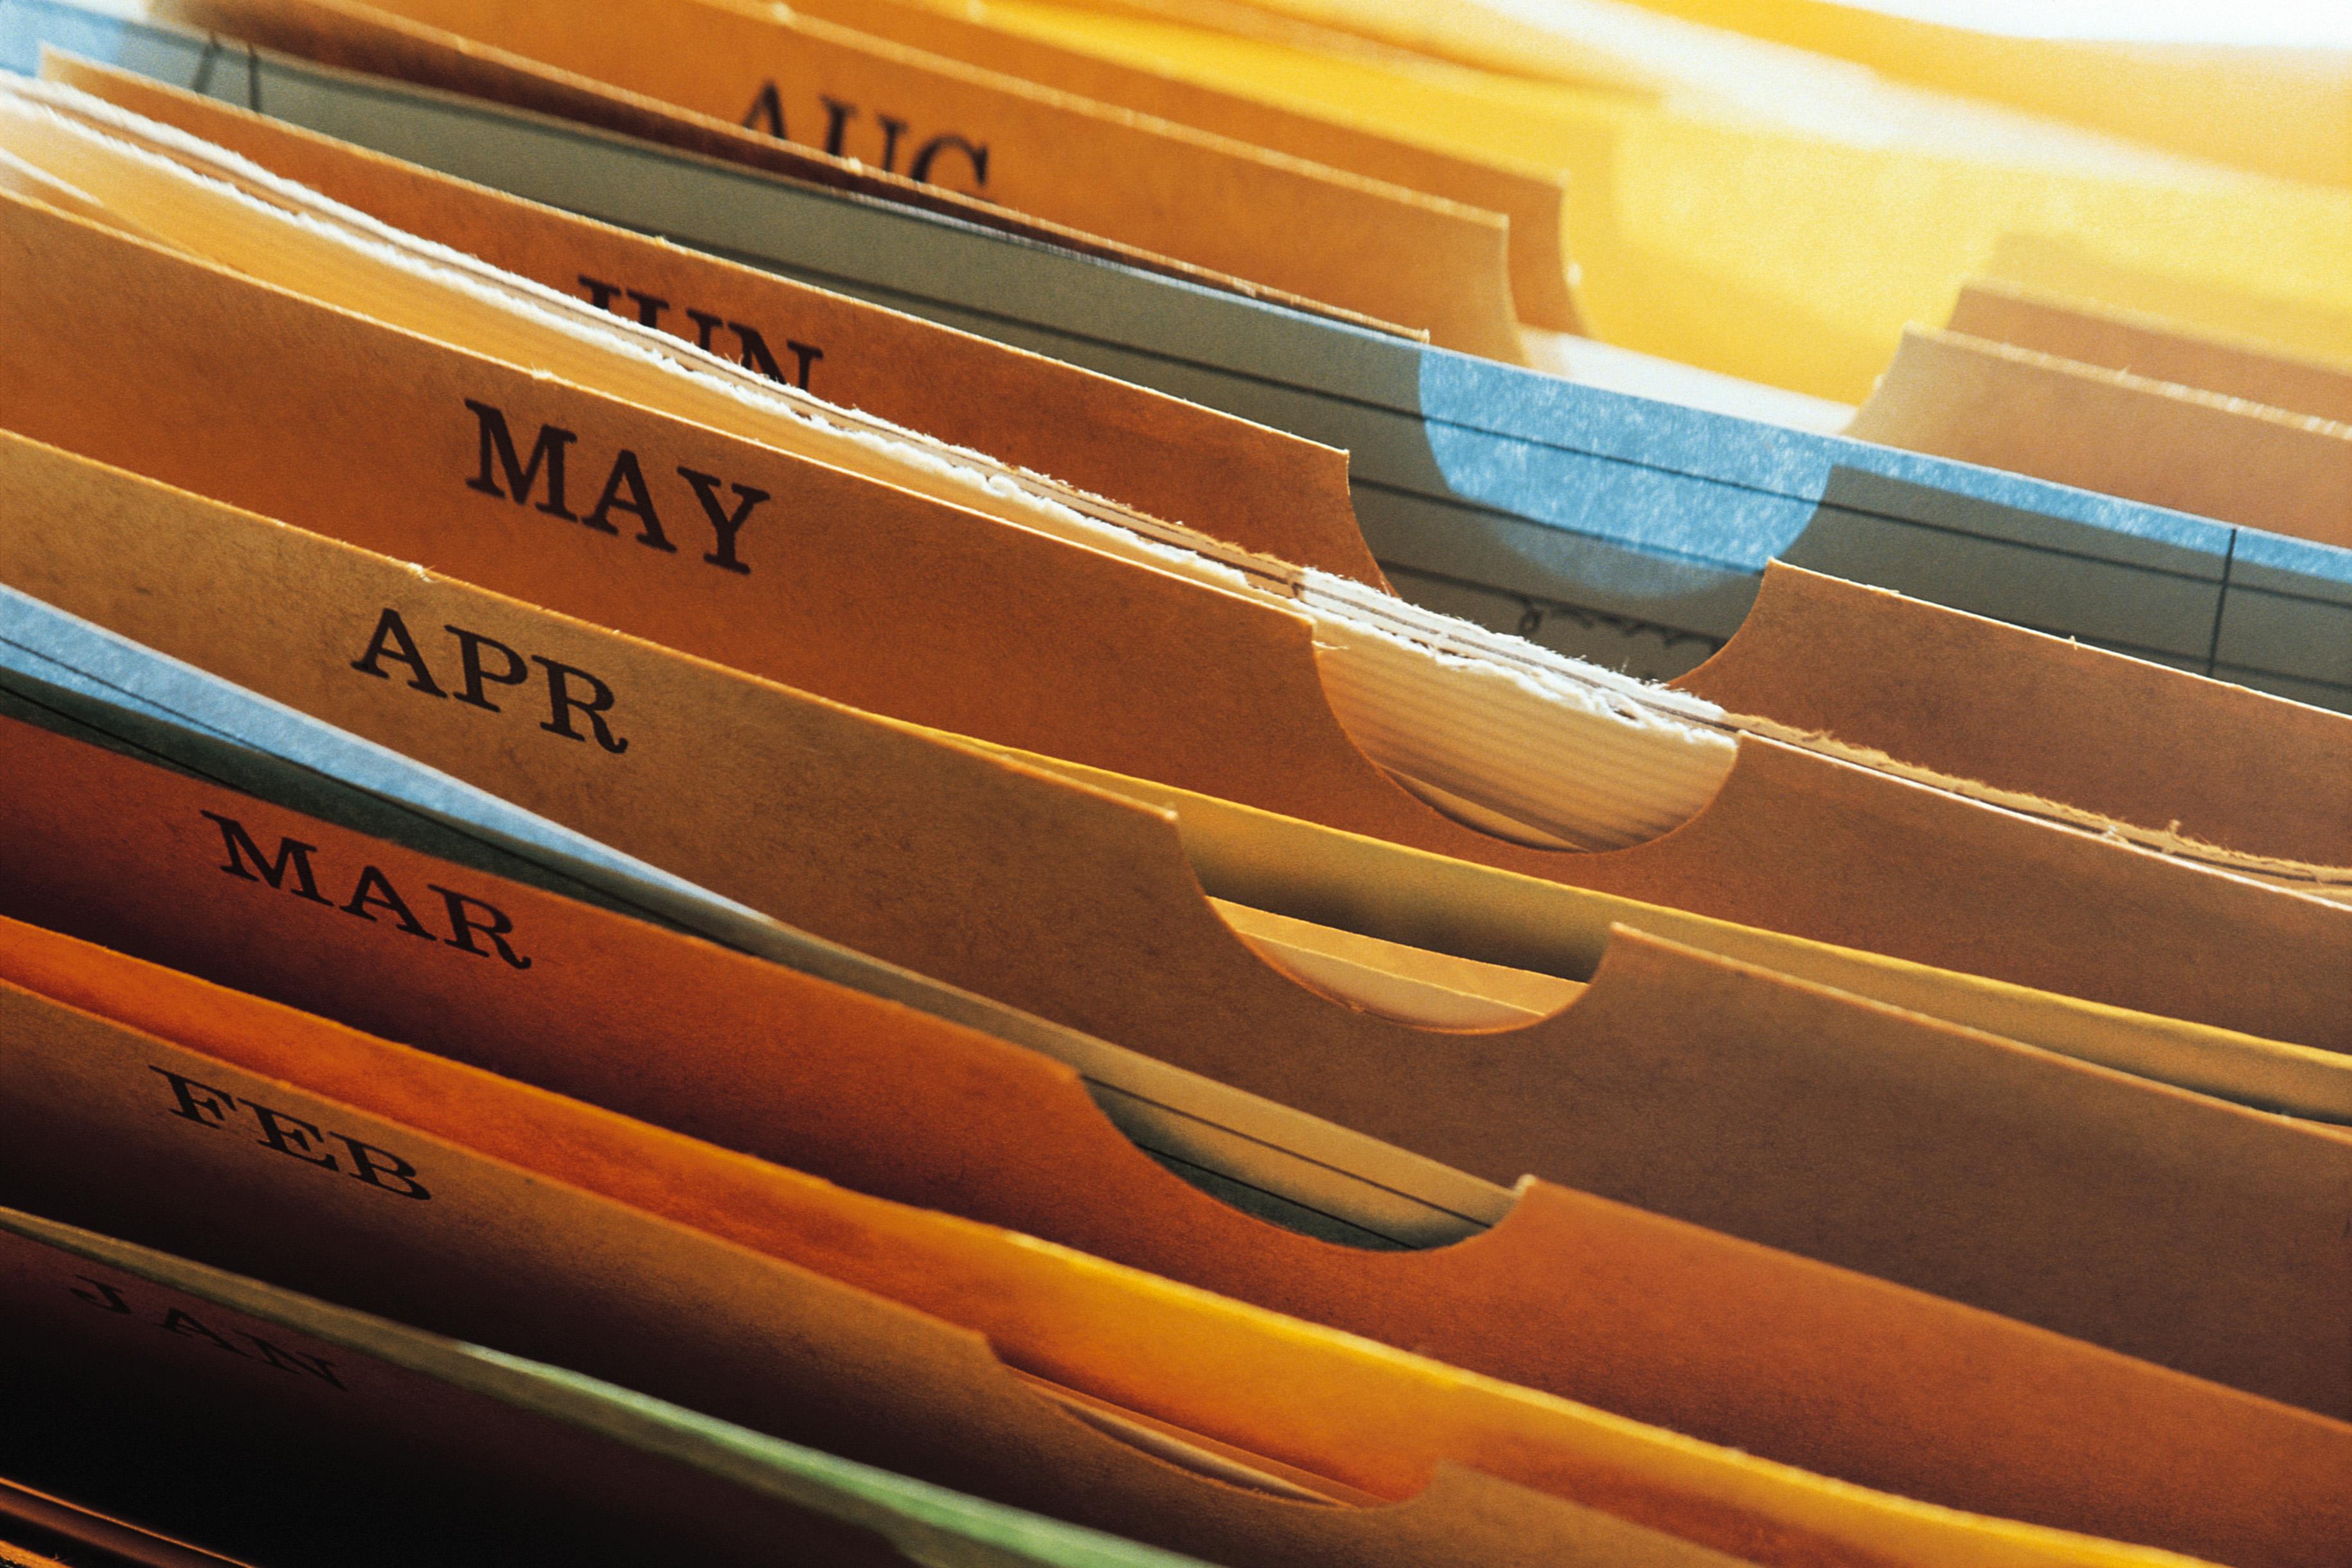 Folders in a filing cabinet